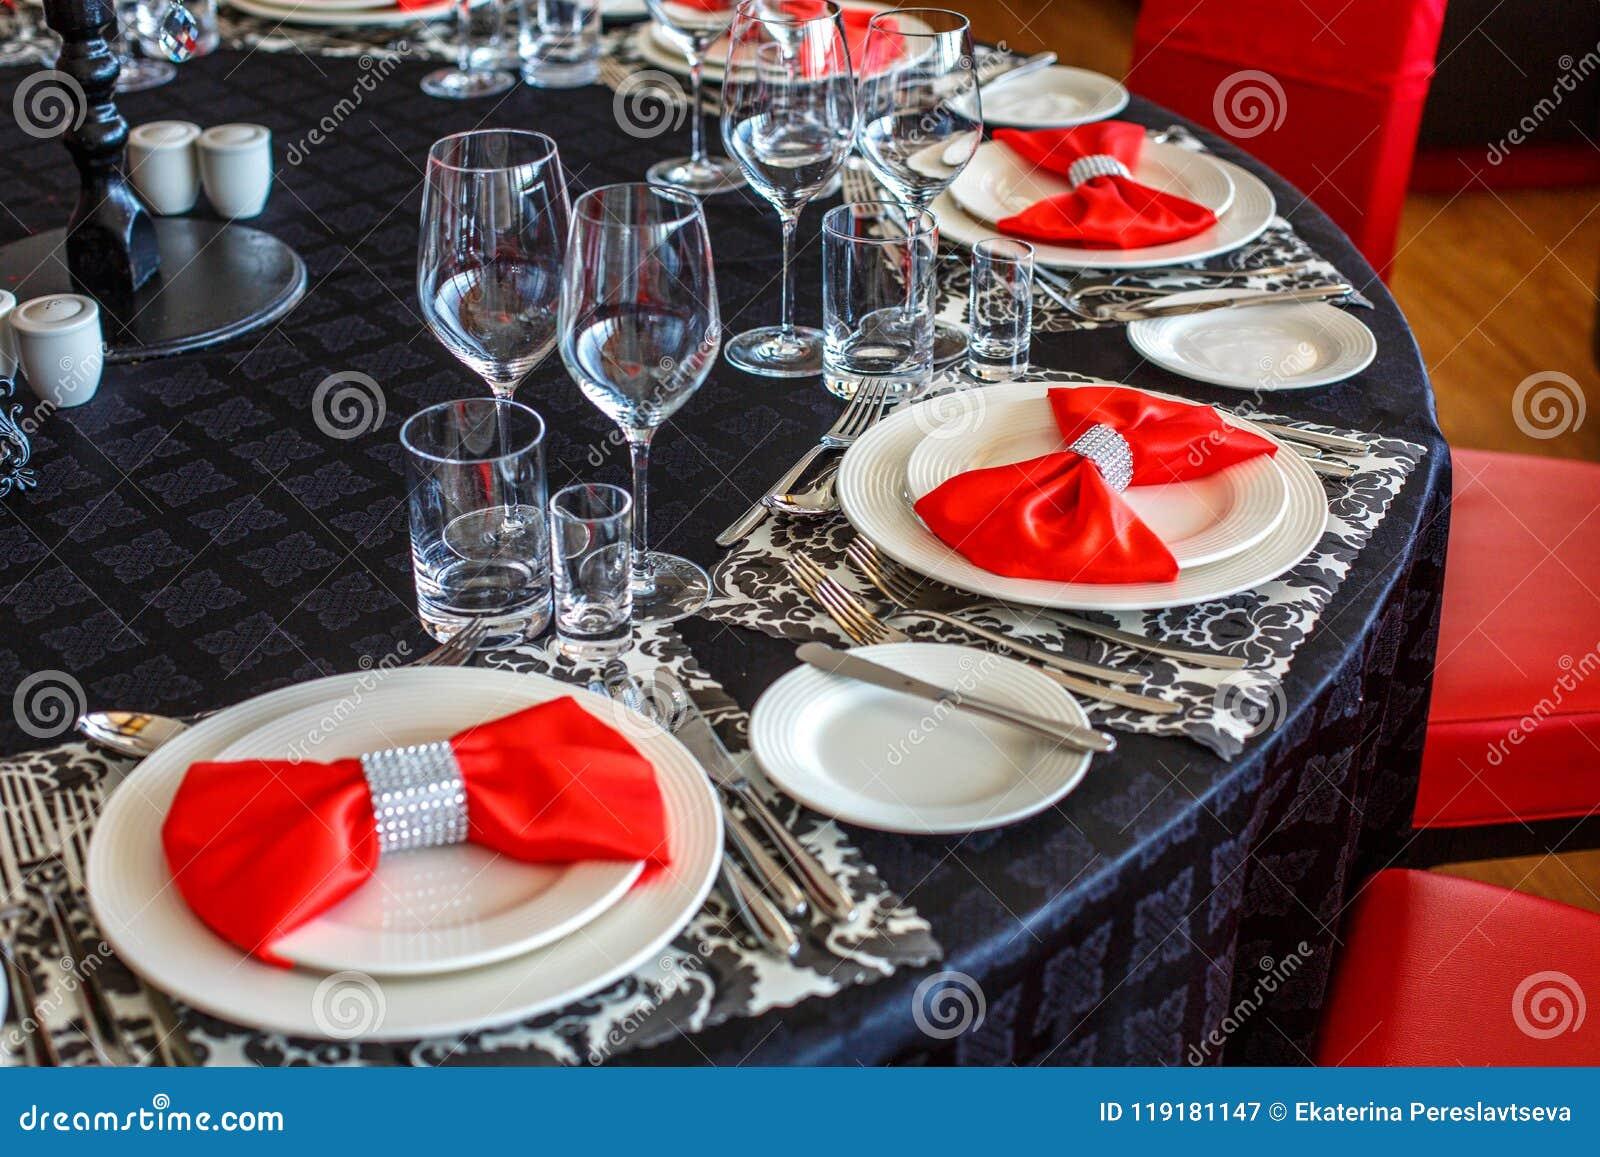 Сервировка таблицы свадьбы, красивое праздничное оформление в красном цвете